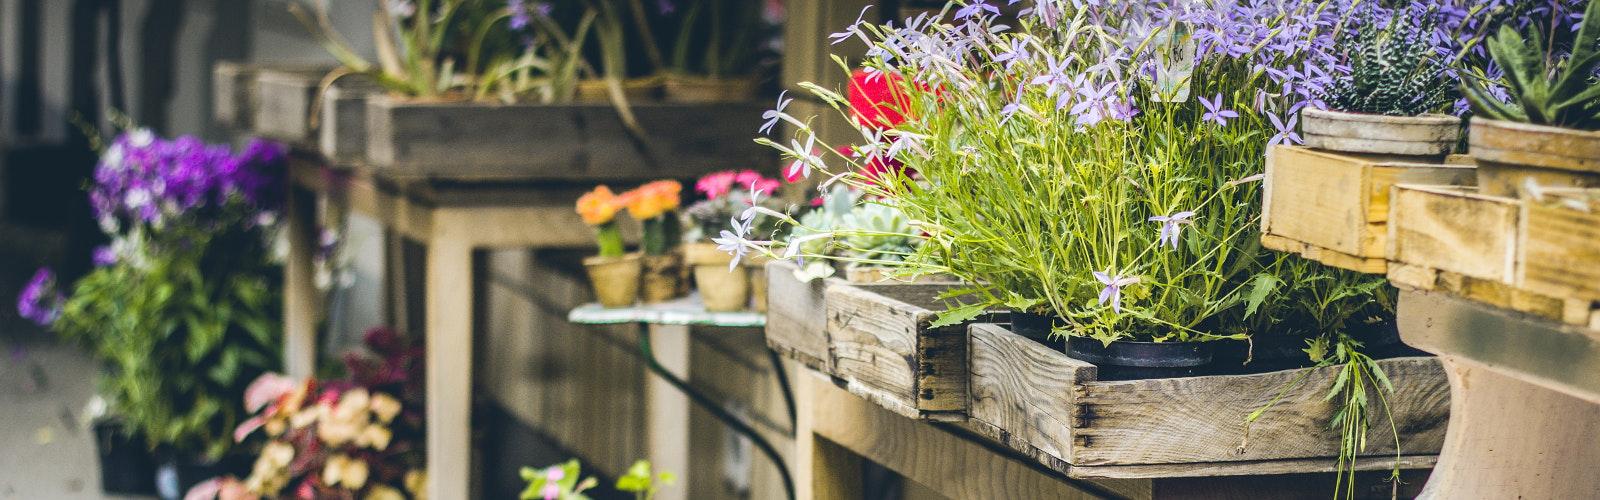 Aufmacher Garten (Frühling)